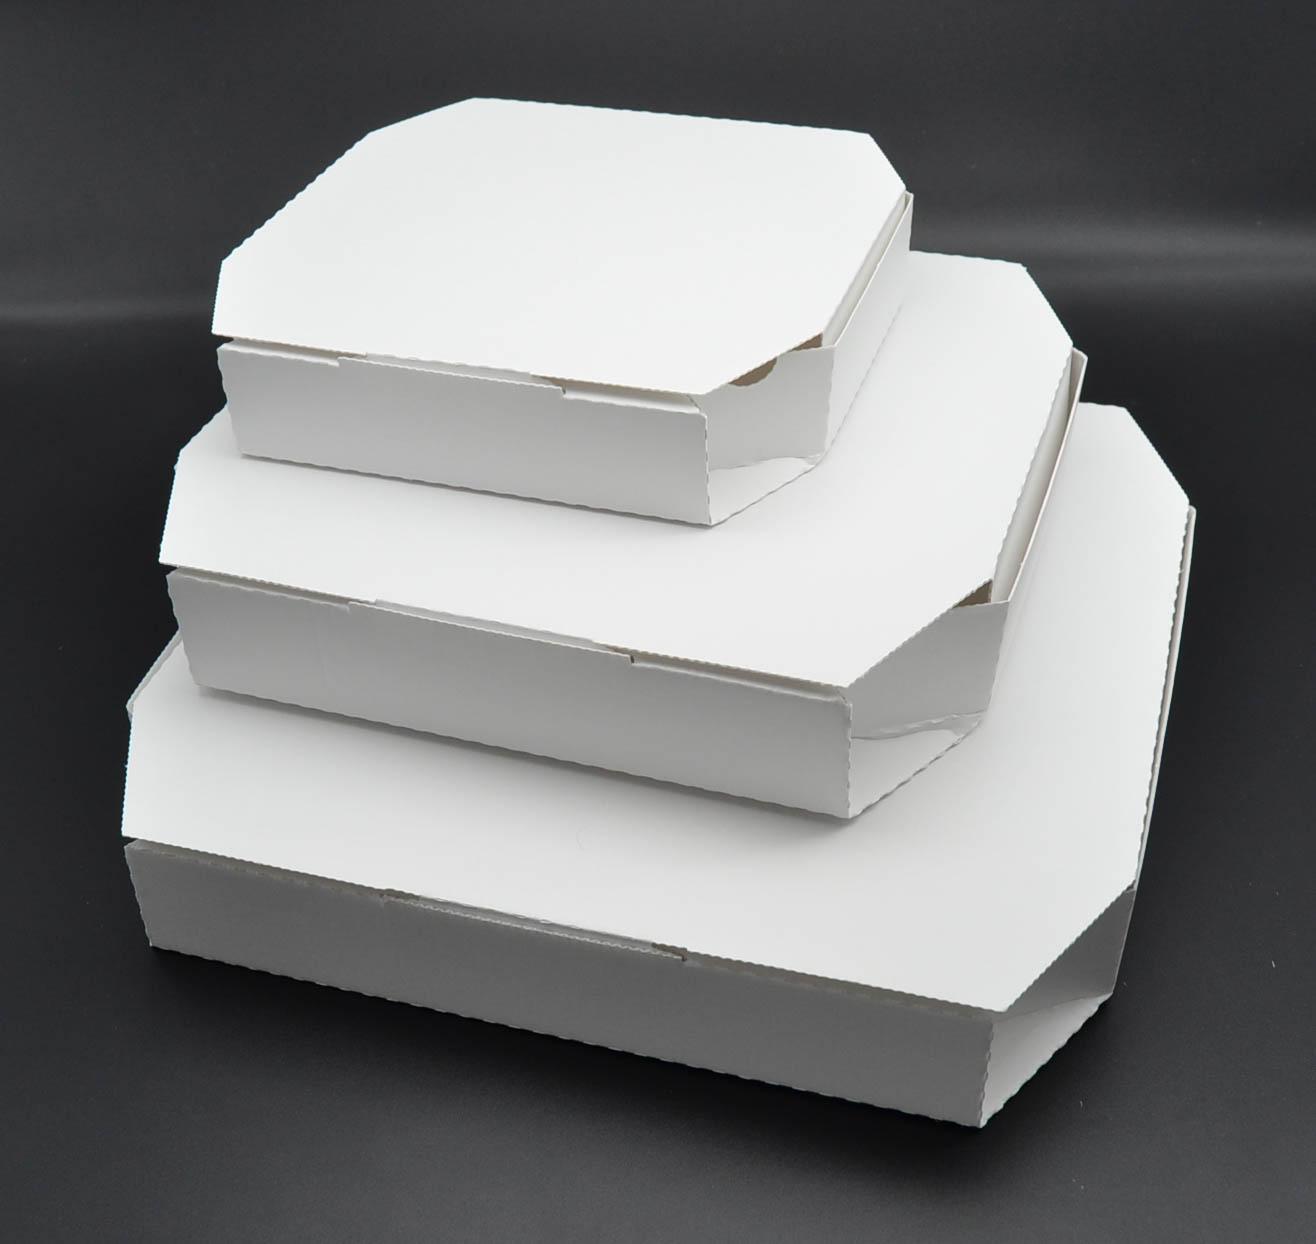 8インチピザボックス(白)200枚入